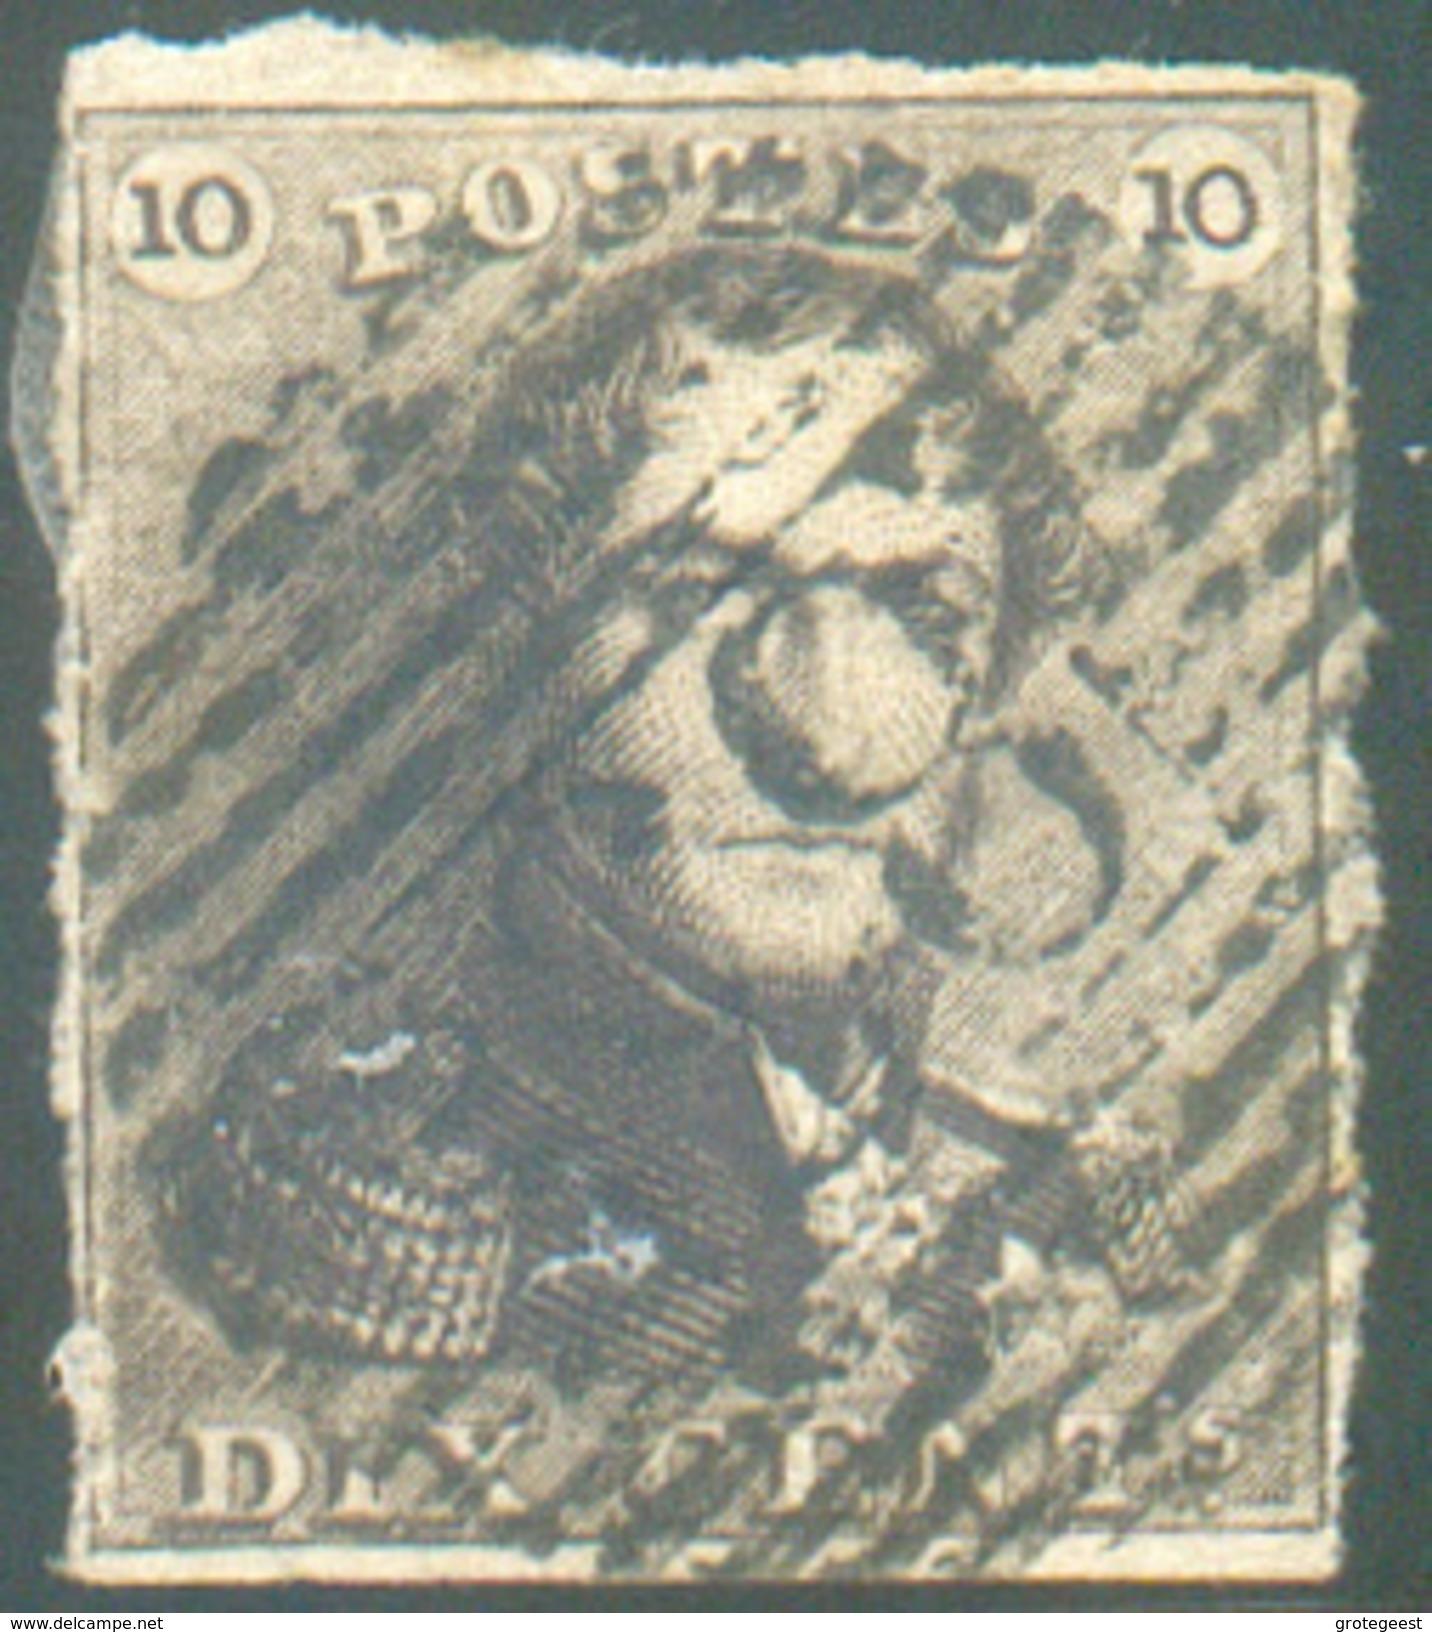 N°1 - Epaulette 10 Centimes Brune, Juste Margée, Obl. P.83 MONS  - 11632 - 1849 Epaulettes